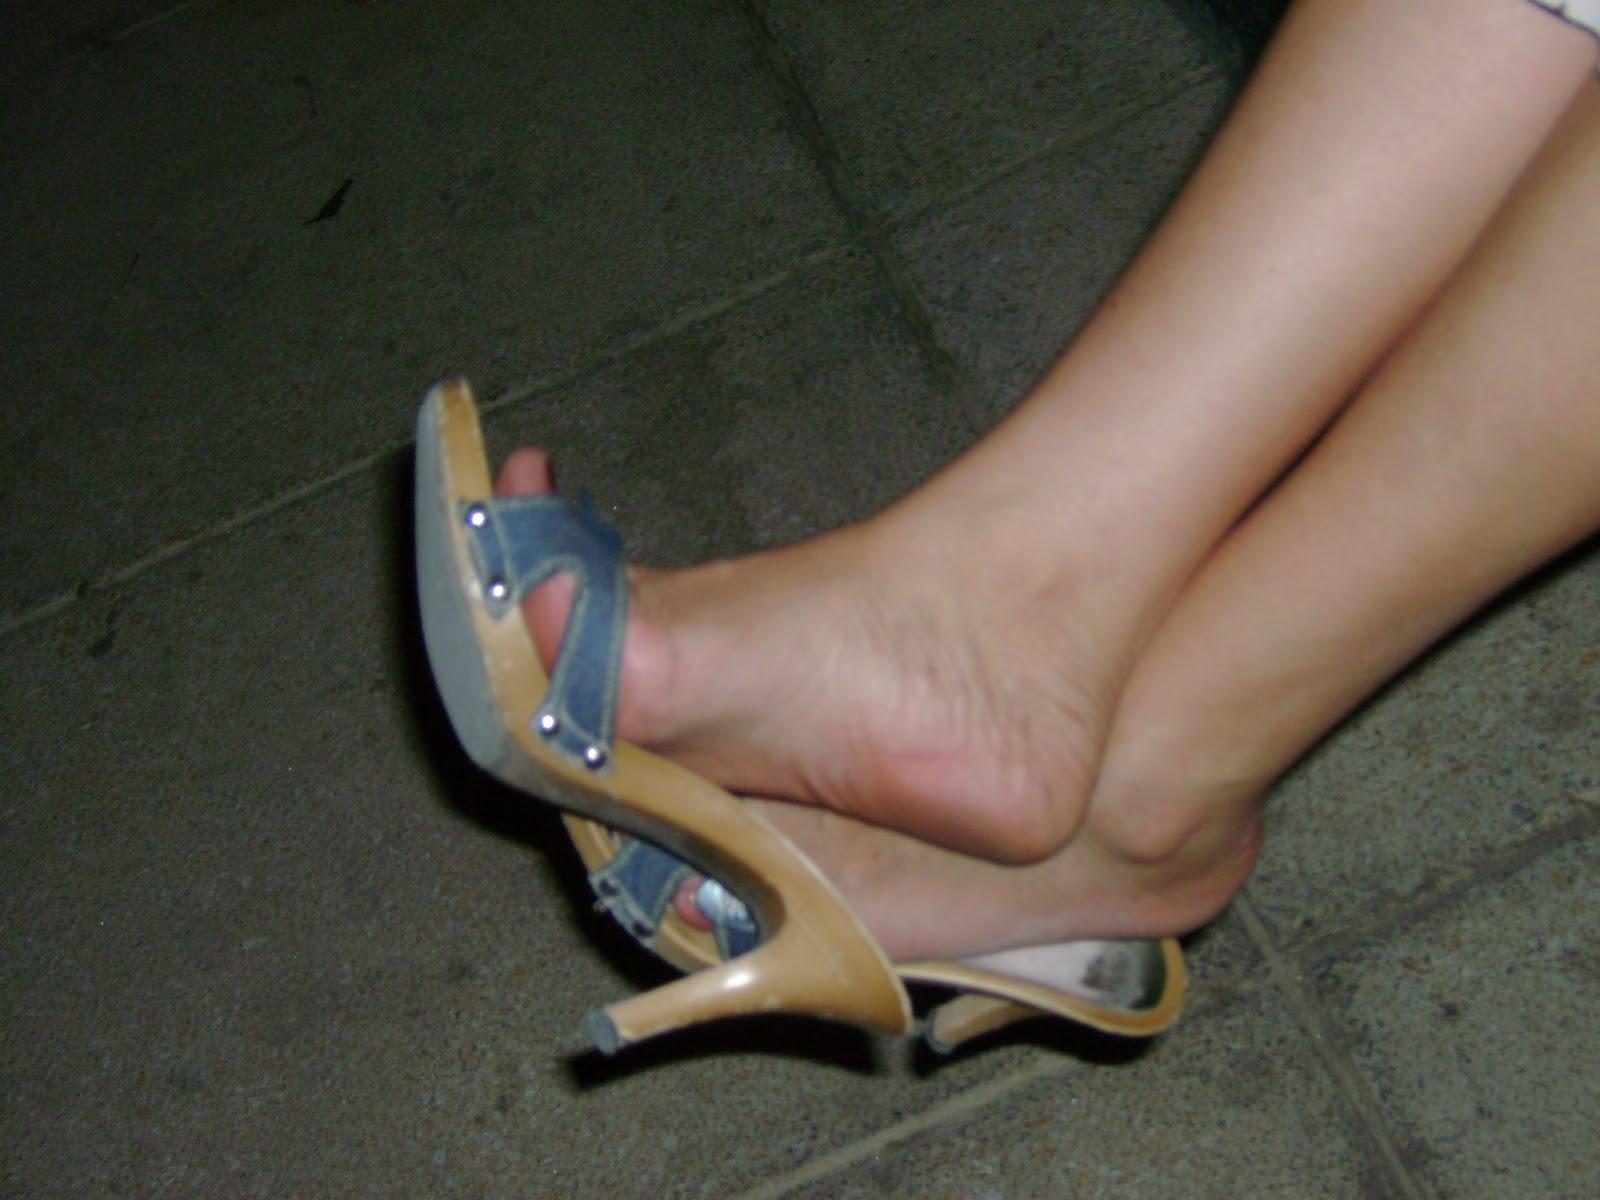 chicas lindas con pies hermosos - Imgenes - Taringa!